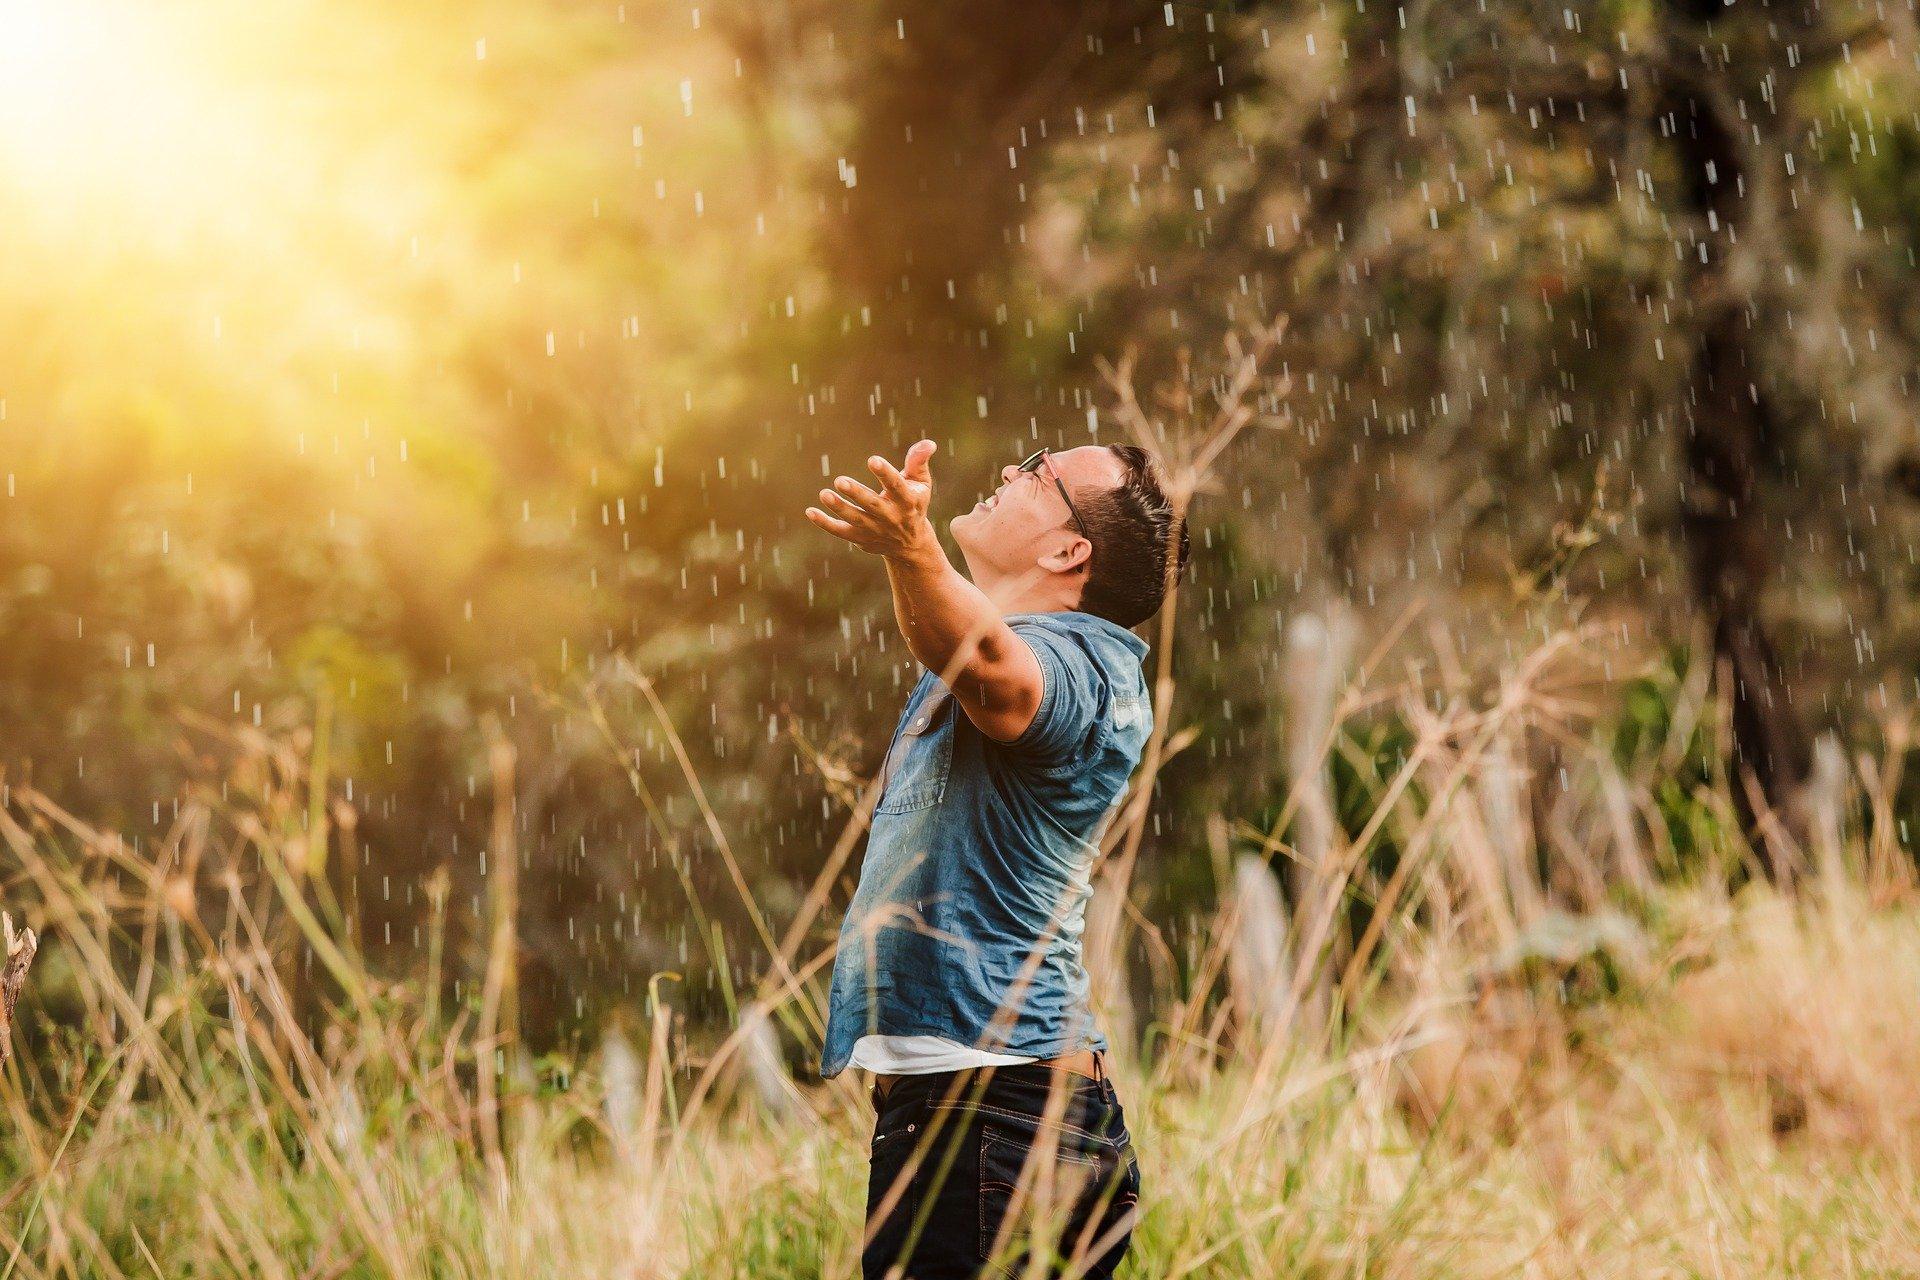 worship 4088561 1920 - 6 Pasos de Crecimiento Personal para transformar tu vida